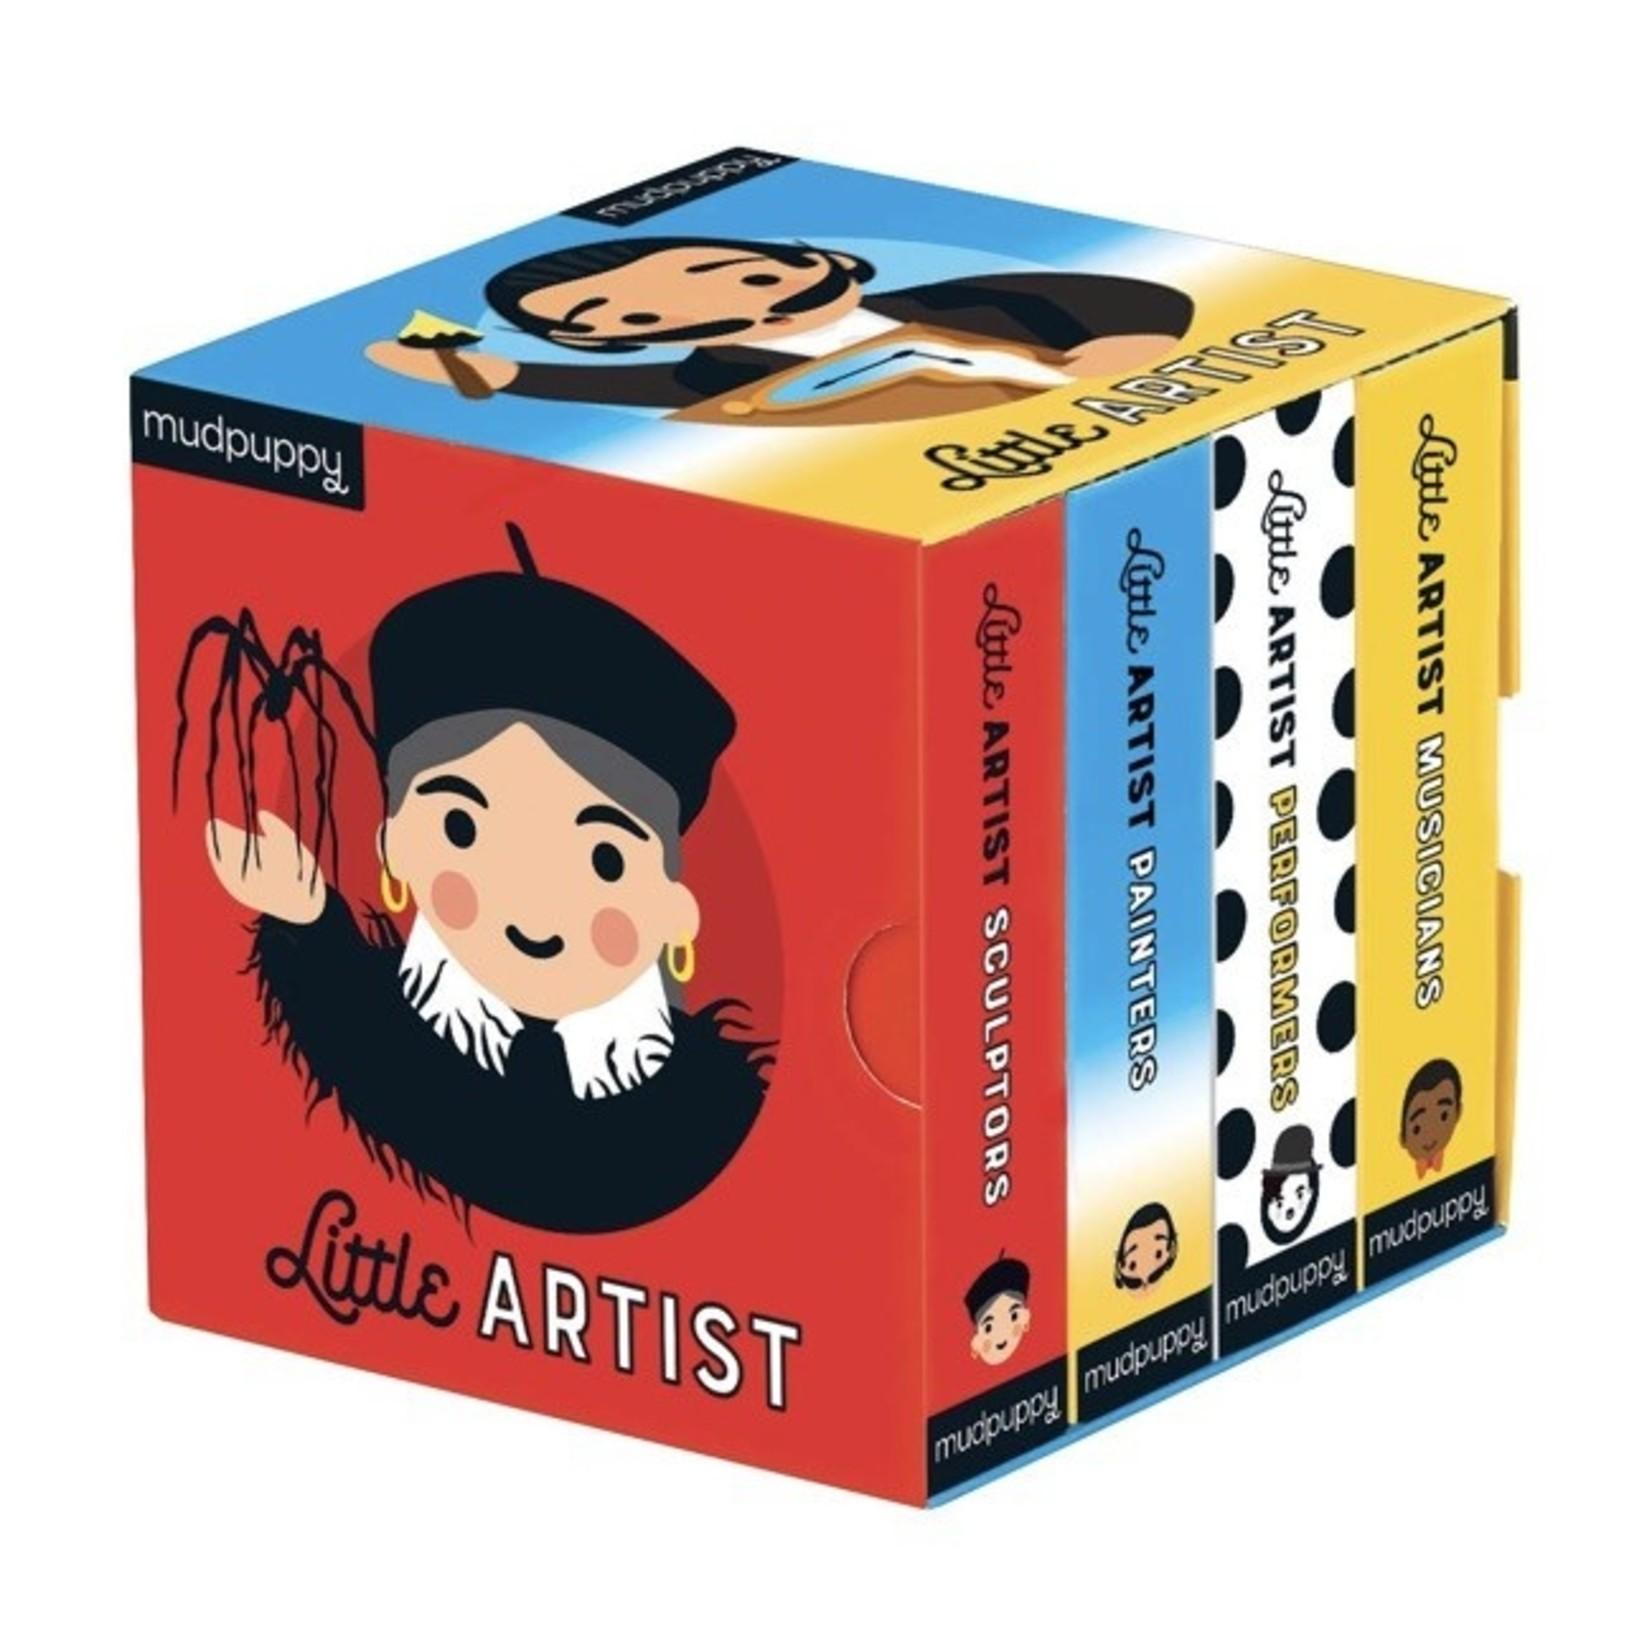 Book Set - Little Artist